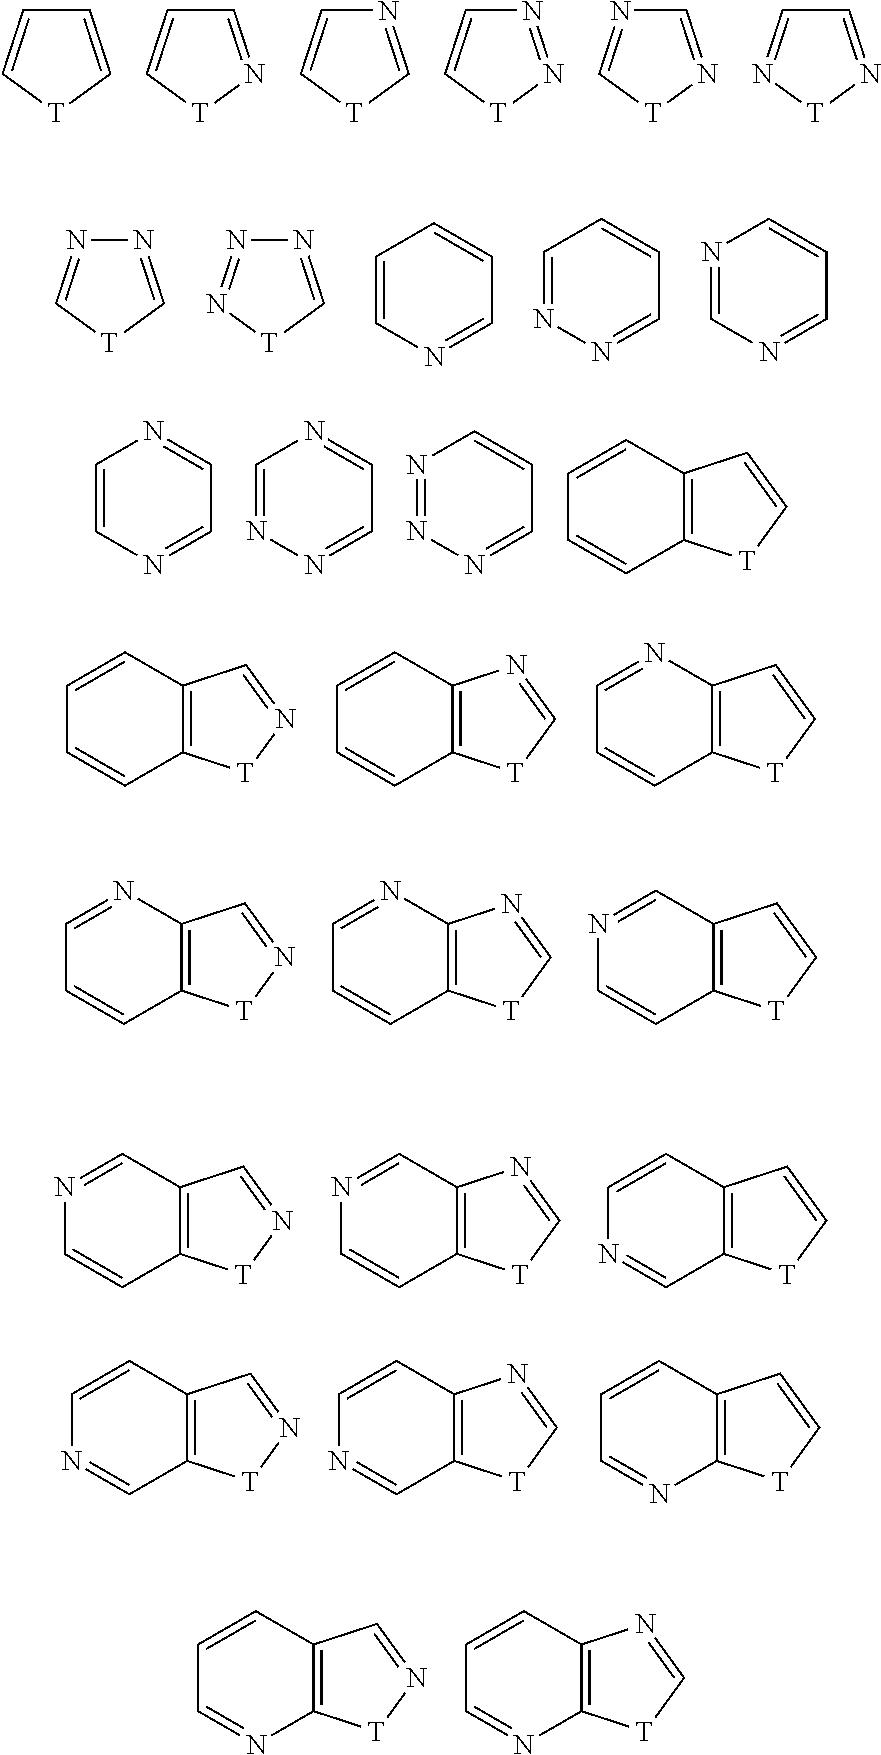 Figure US09312501-20160412-C00002